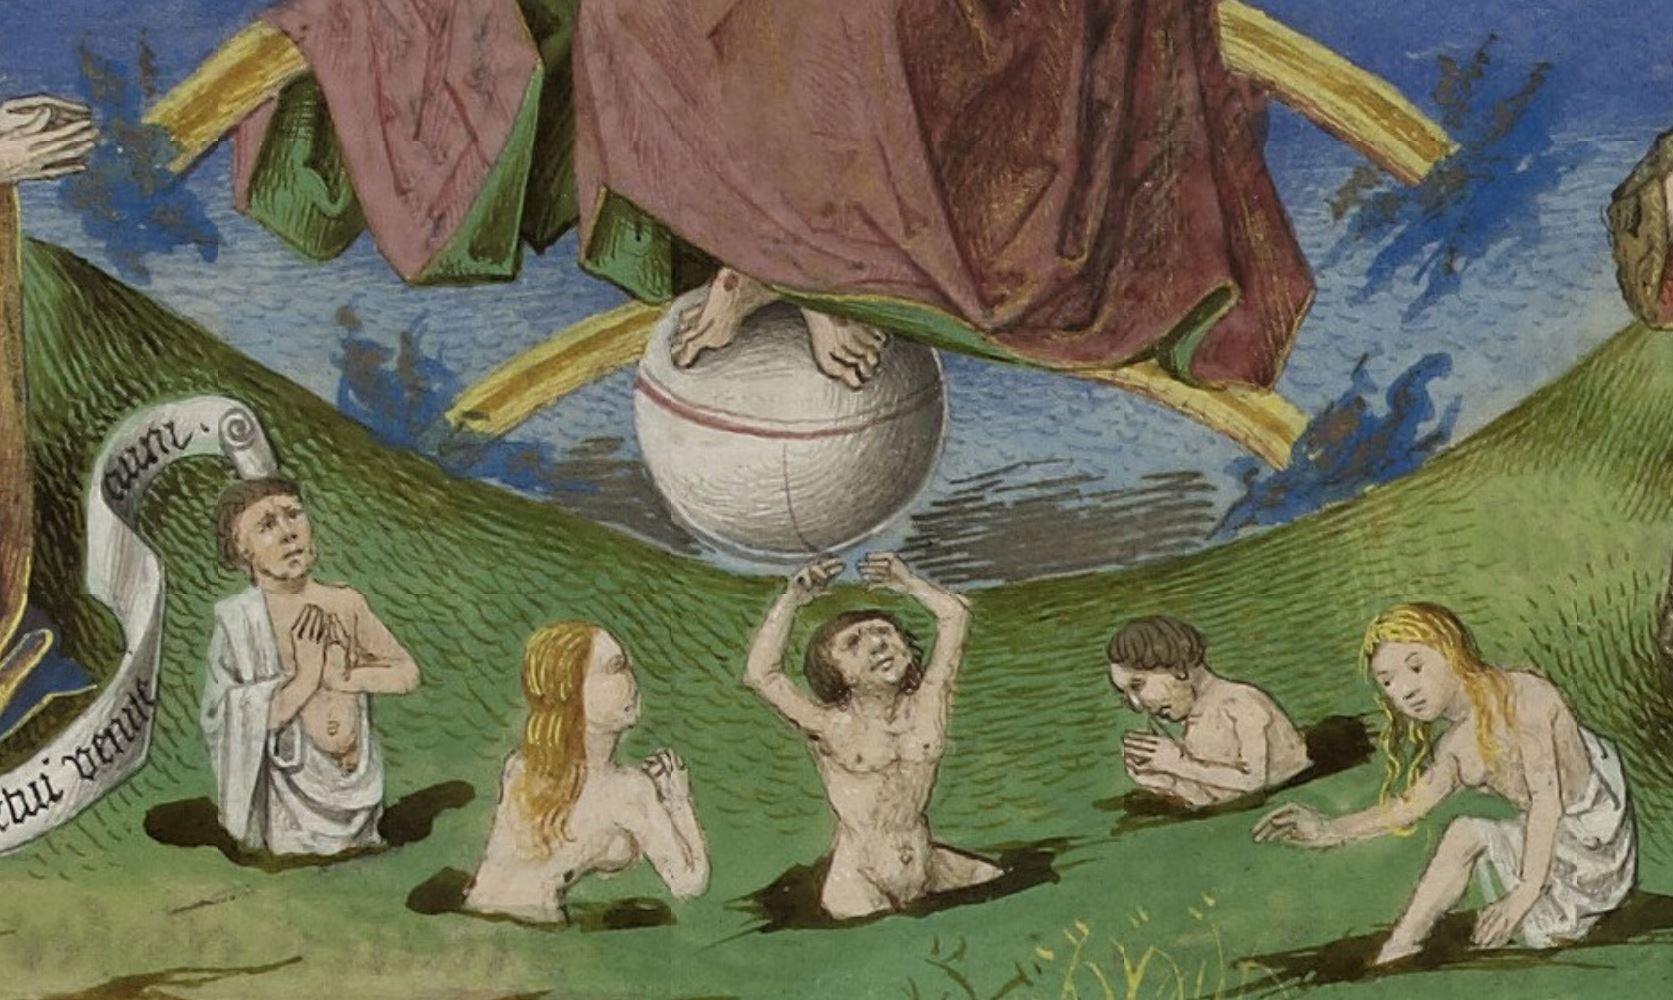 Jugement Dernier, entete chapitre XX de La Cite de Dieu, 1450 ca Strasbourg, Bibliotheque nationale et universitaire, ms 0523, fol 259v detail